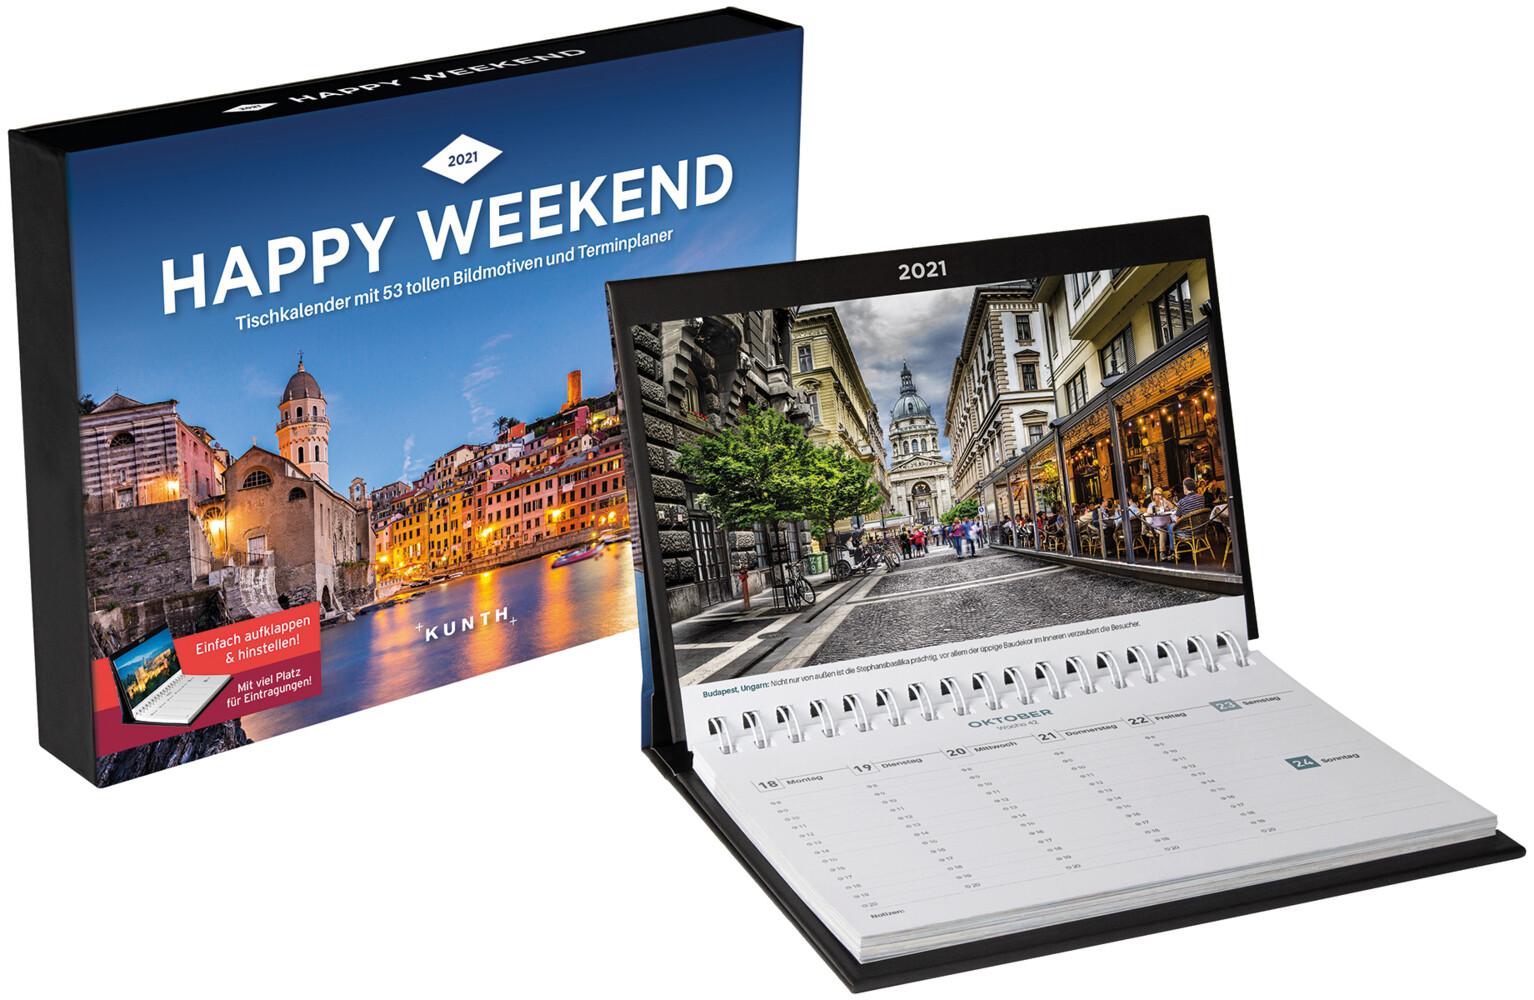 Happy Weekend Tischkalender 2021: Wochenkalender mit Terminplaner (KUNTH Tischkalender mit Wochenplaner)